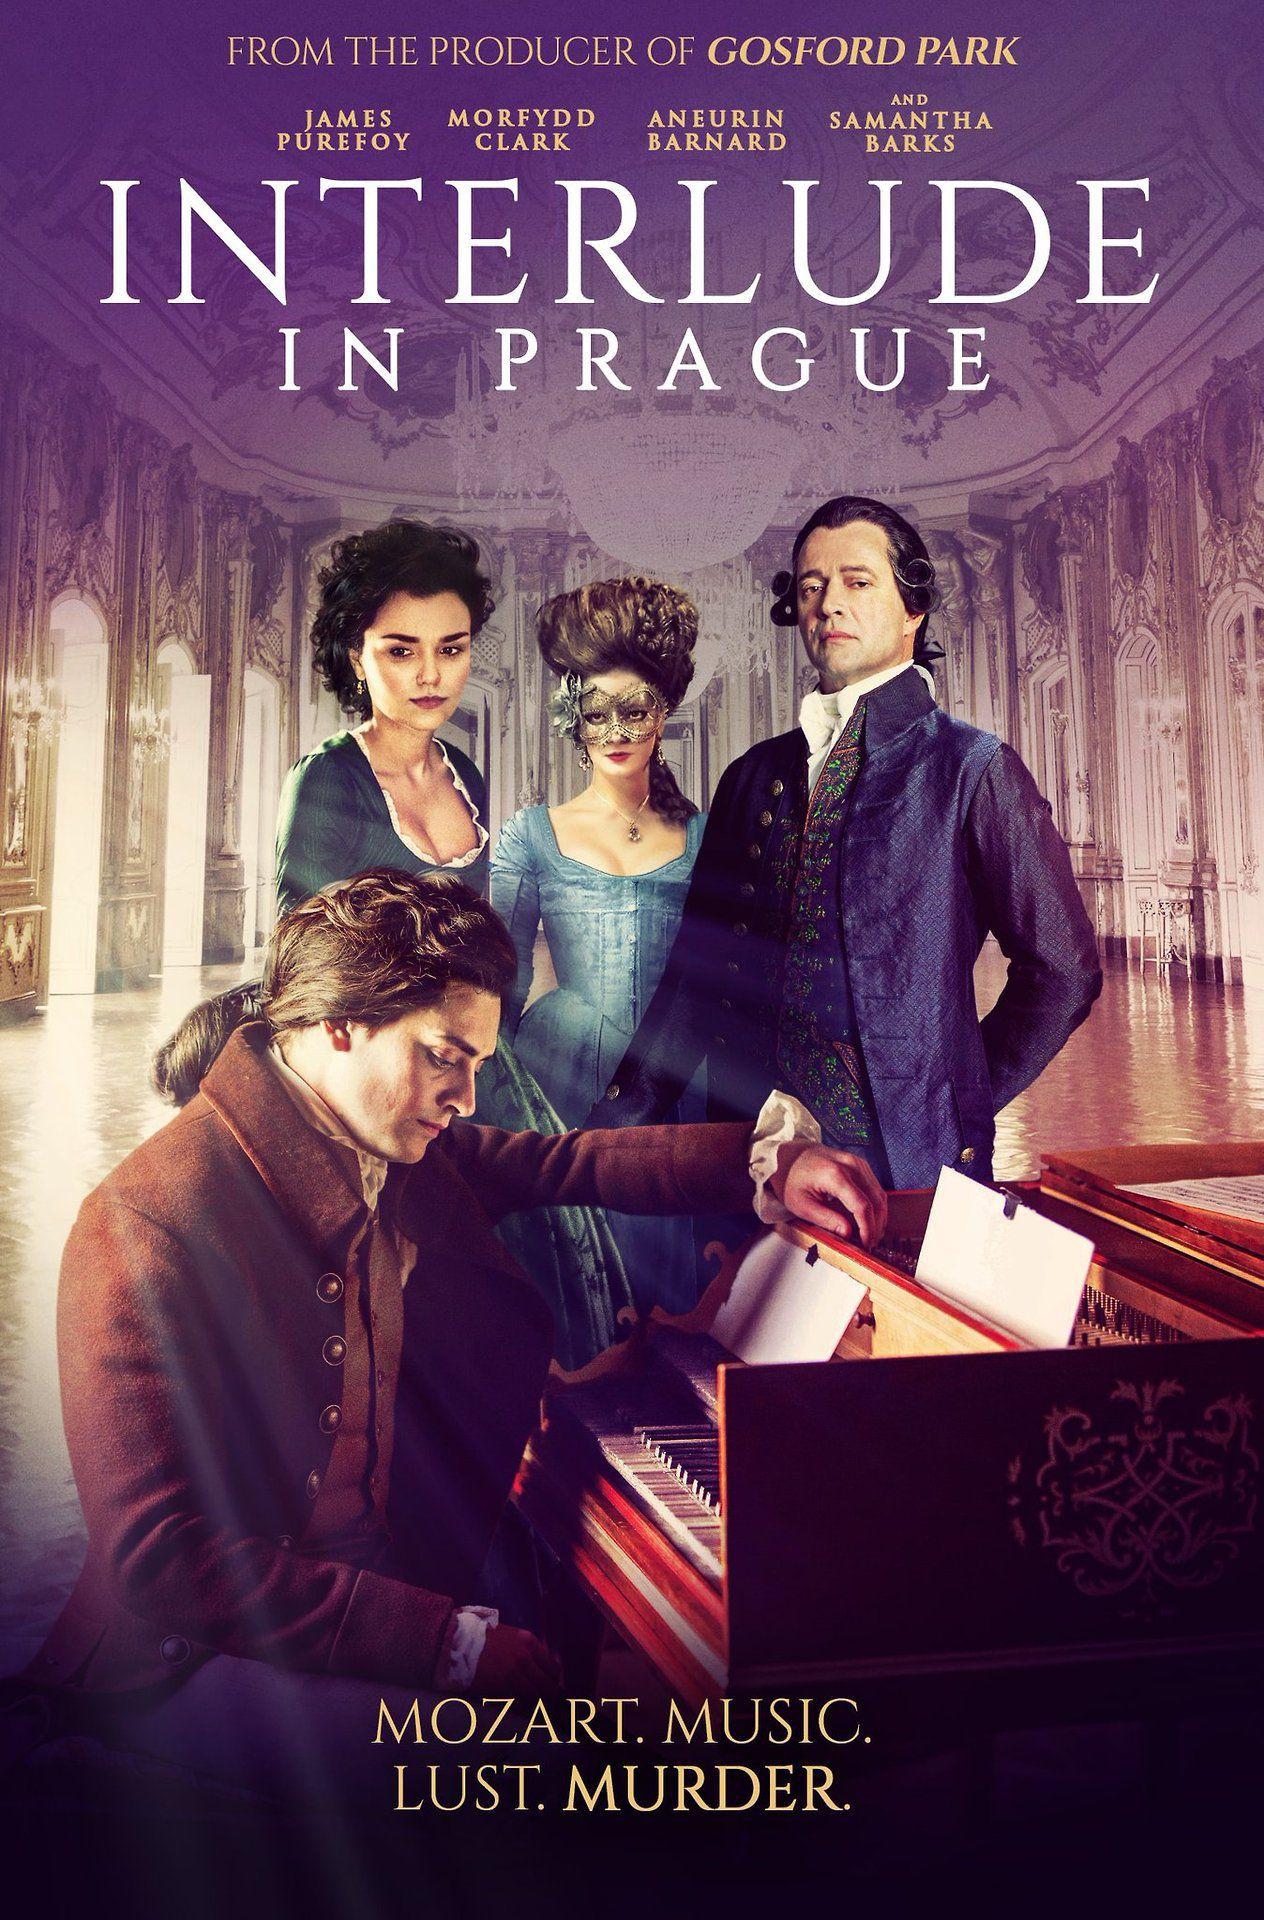 Interlude in Prague - Film (2017)